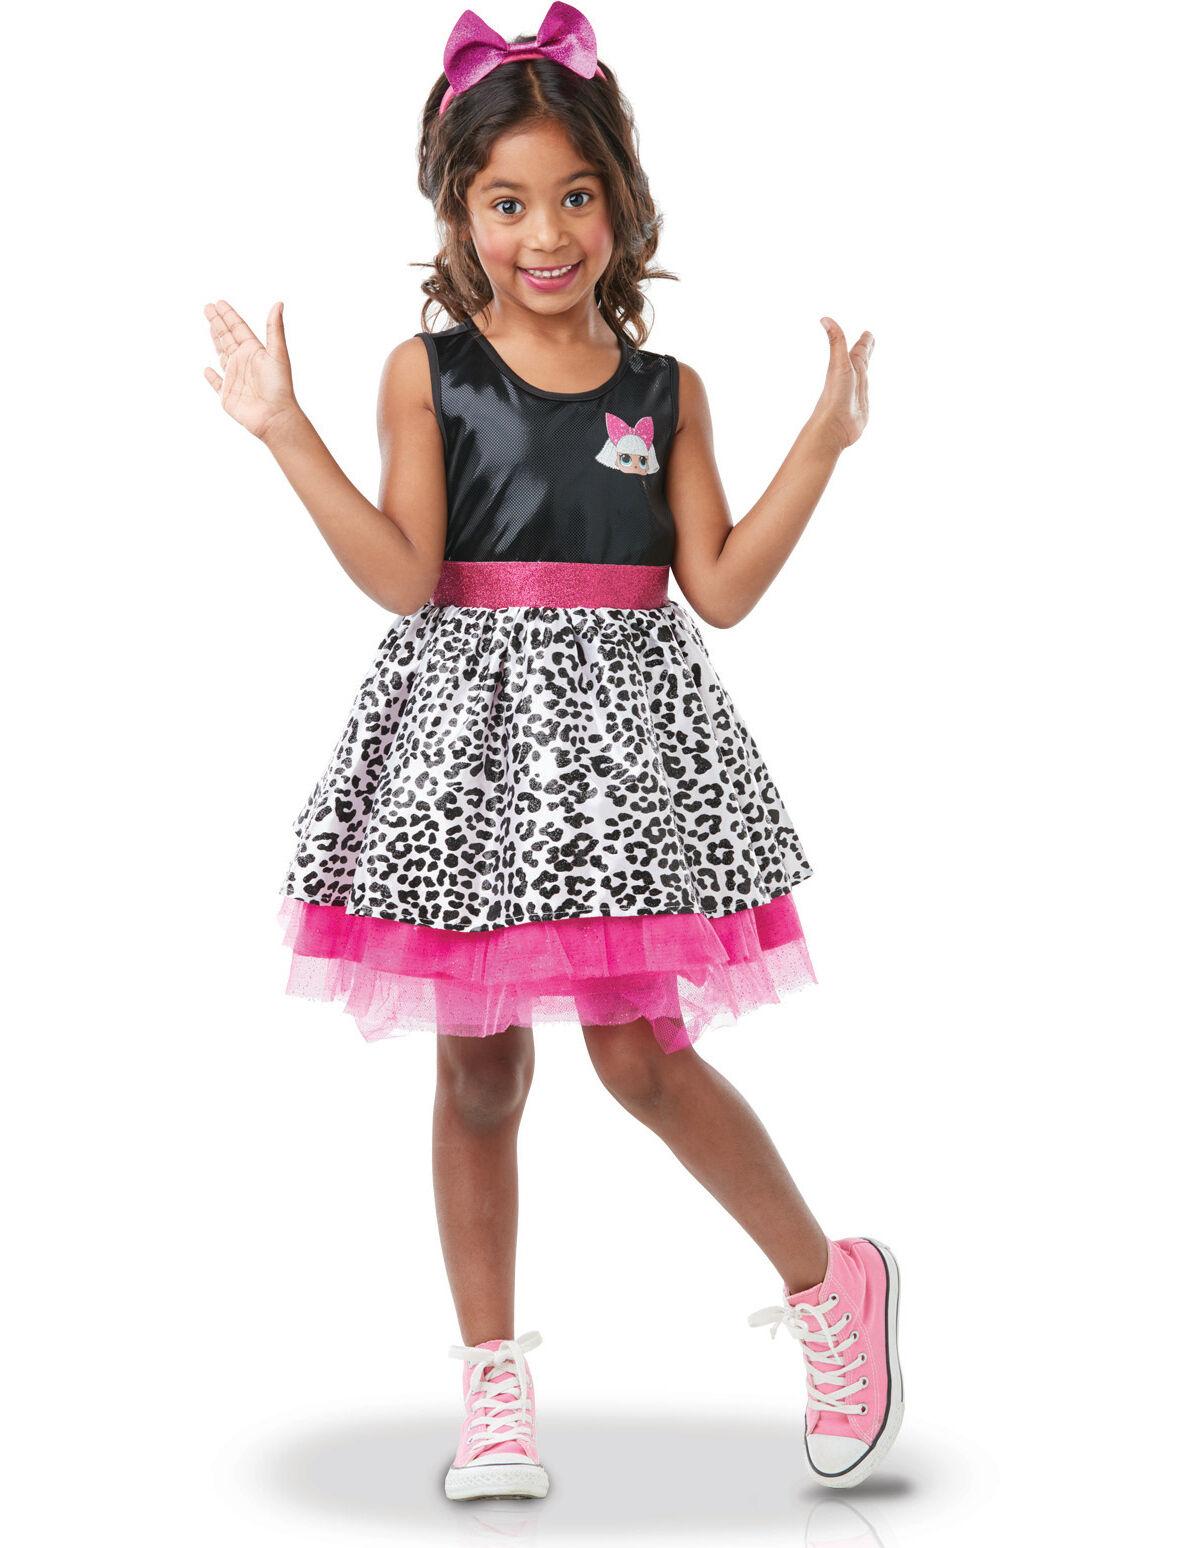 VegaooParty Déguisement luxe Diva LOL Surprise enfant - Taille: 7 à 8 ans (117 à 128 cm)